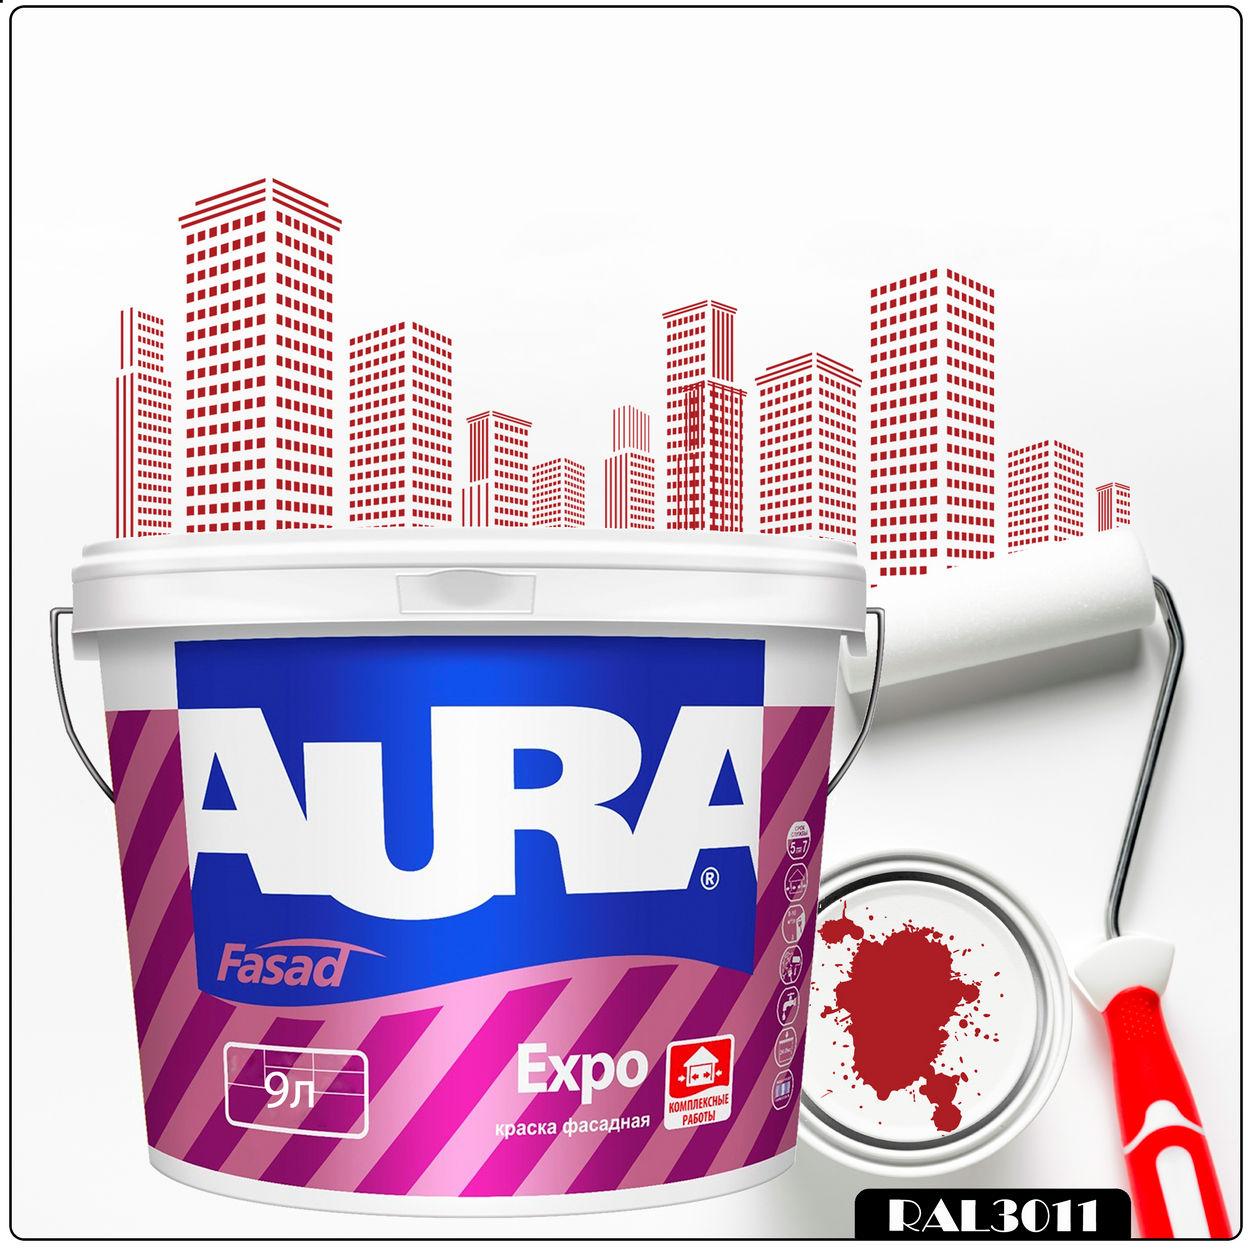 Фото 1 - Краска Aura Fasad Expo, RAL 3011 Коричнево-красный, матовая, для фасадов и помещений с повышенной влажностью, 9л.